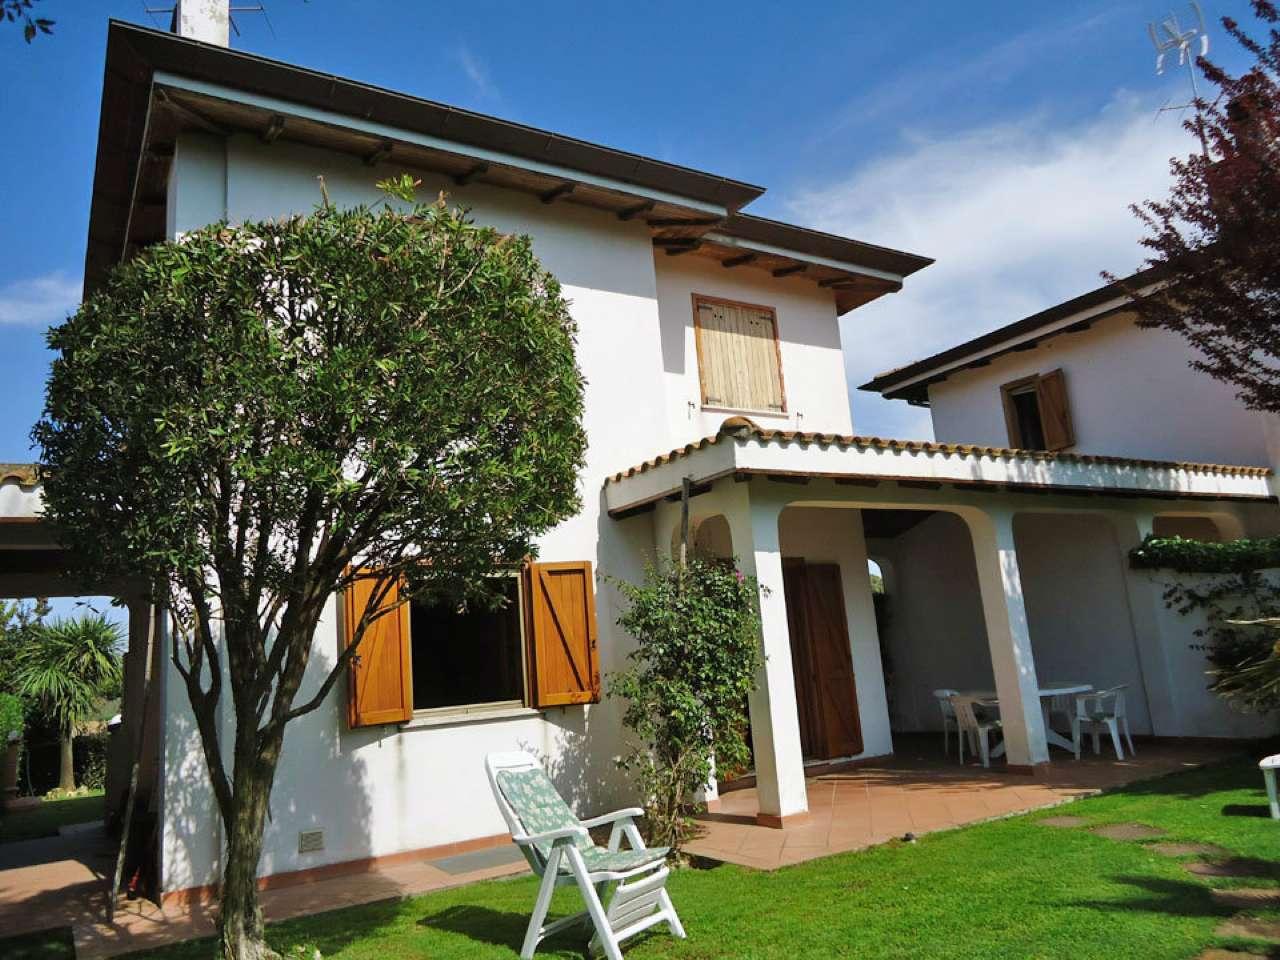 Villa in vendita a Sabaudia, 9999 locali, prezzo € 265.000 | CambioCasa.it